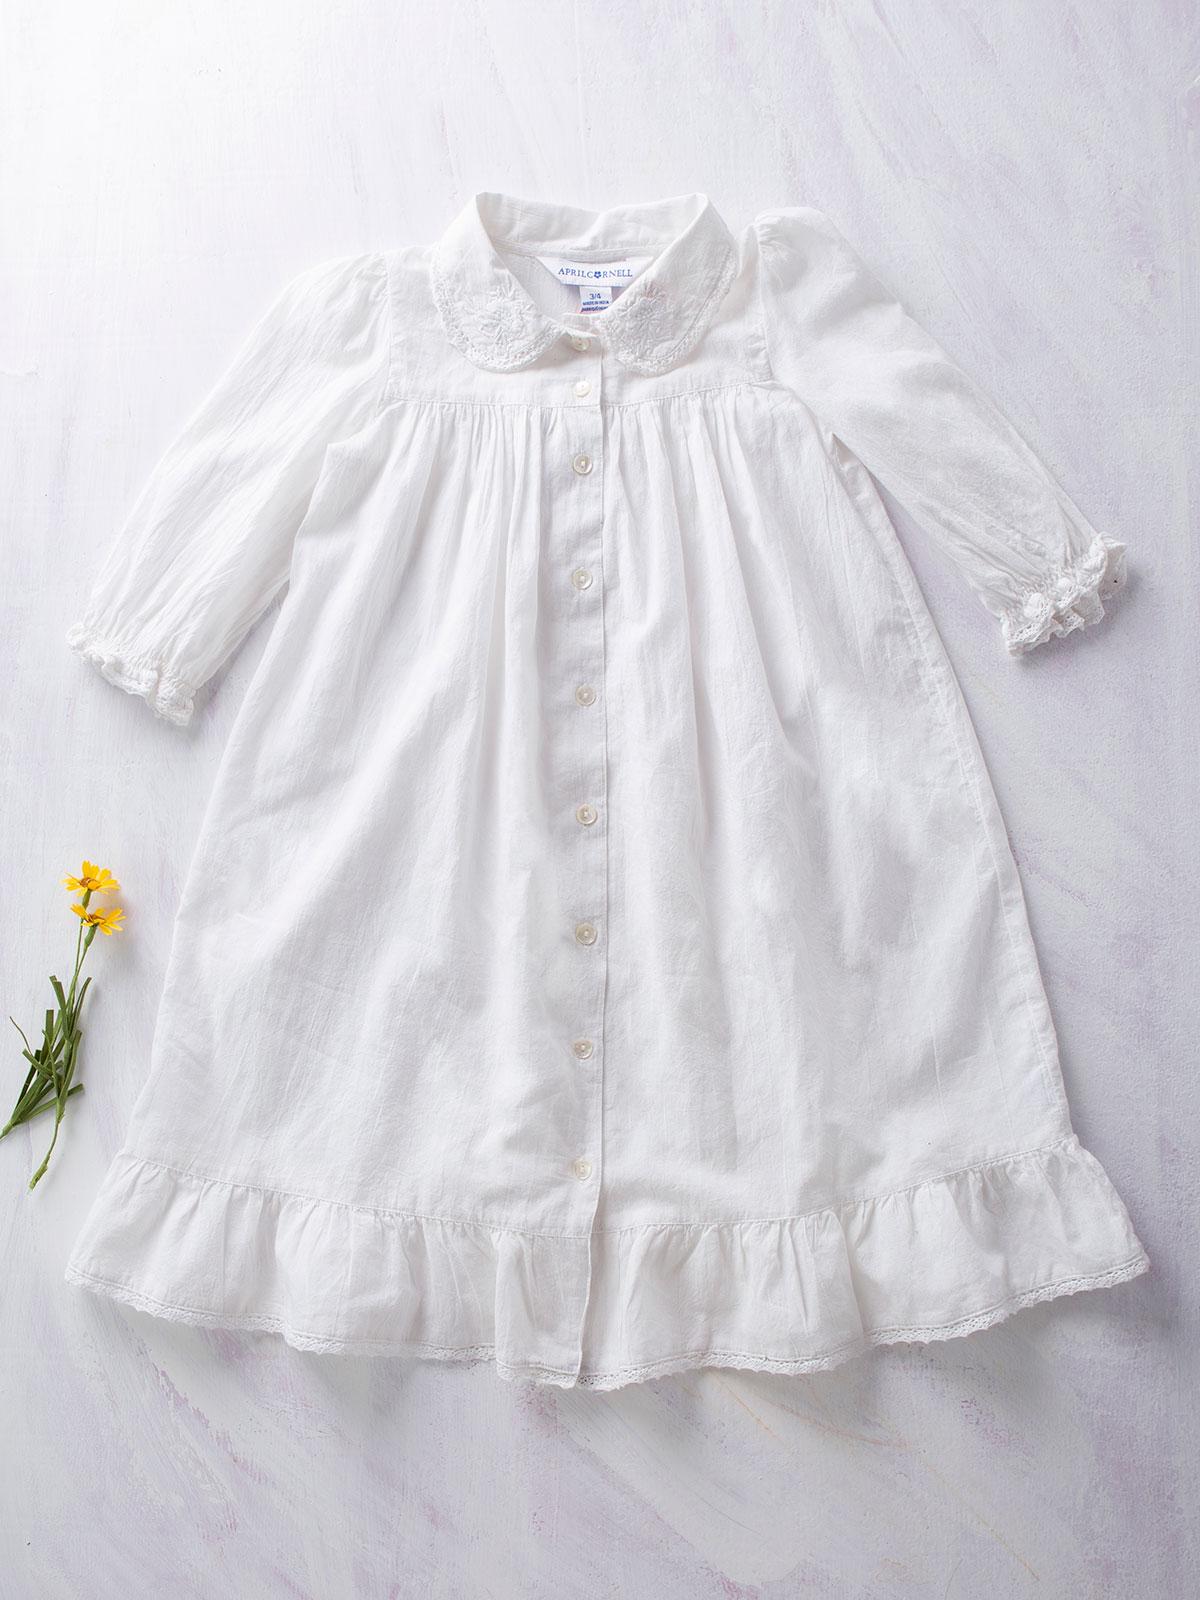 Josephine Girls Petticoat